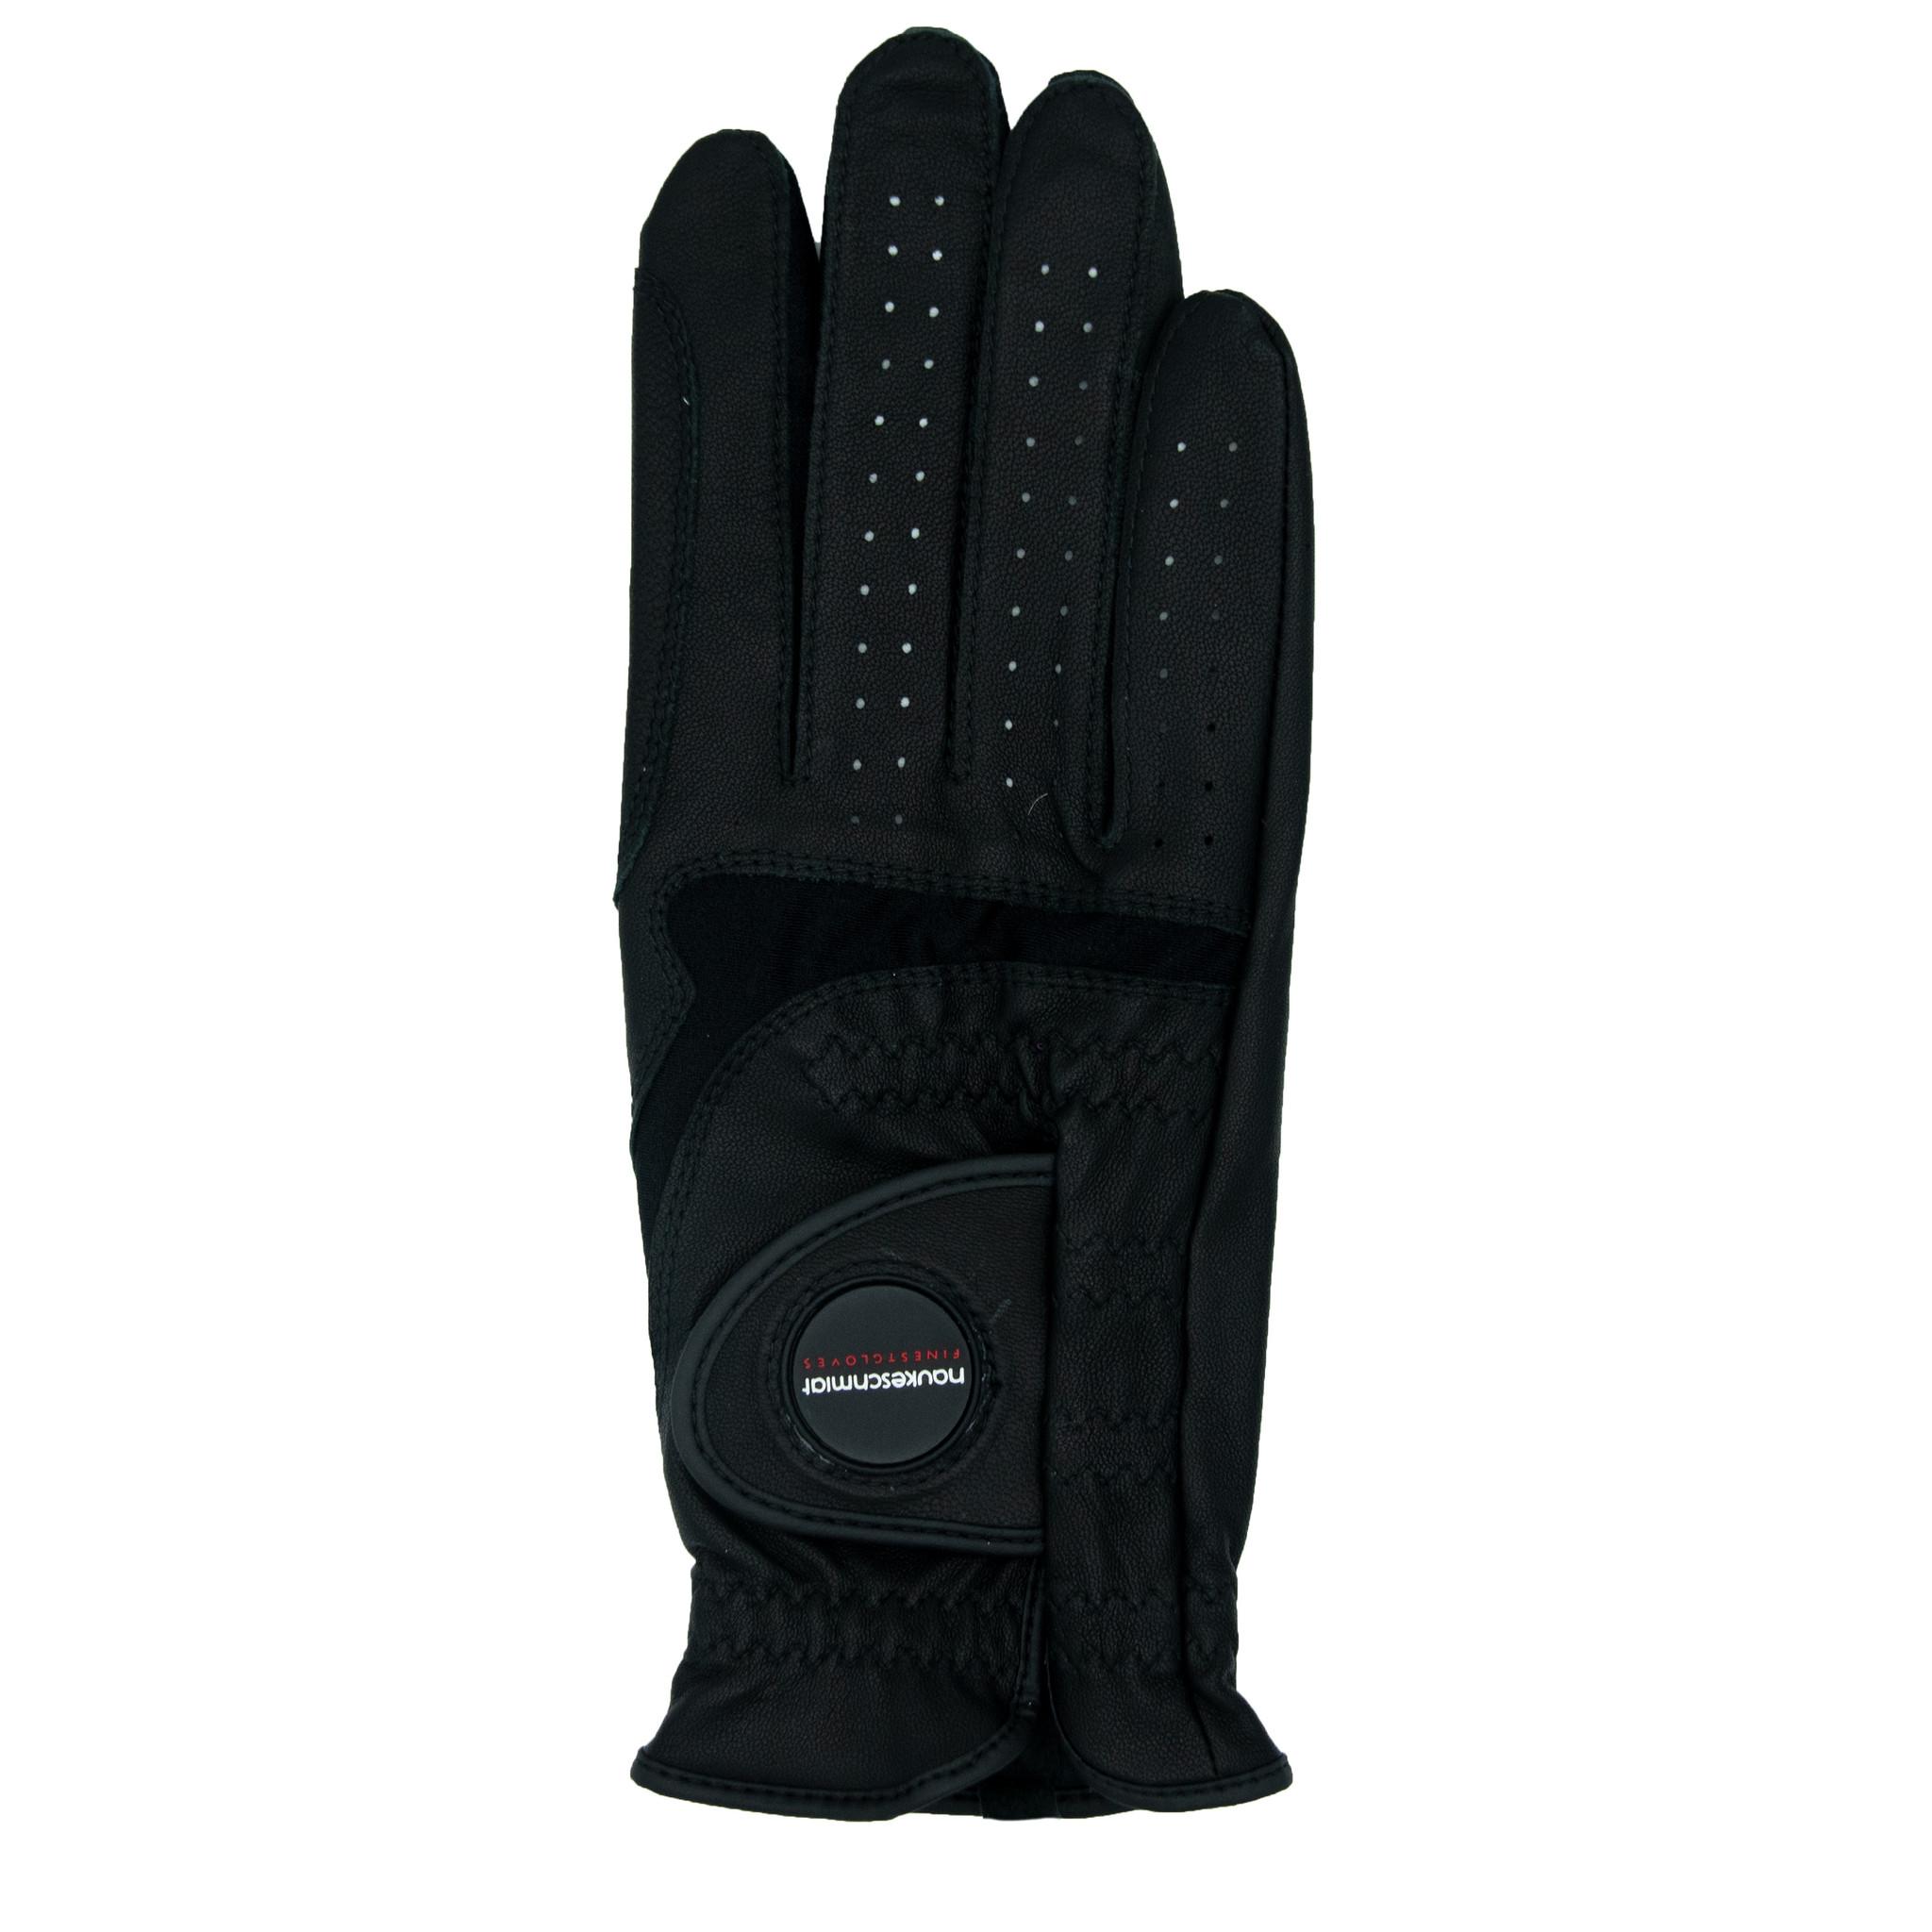 Haukeschmidt Handschoenen - Arabella